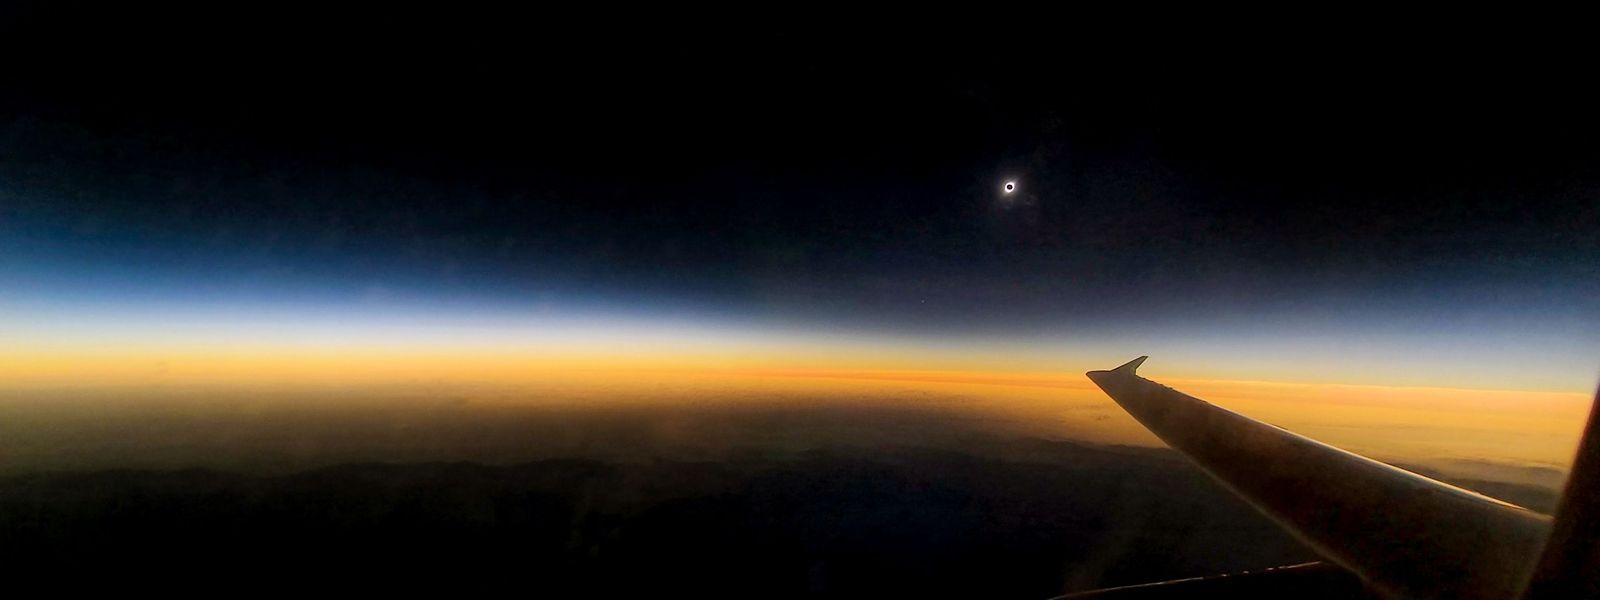 Die Sonnenfinsternis, beobachtet während eines Flugs über La Serena in Chile.